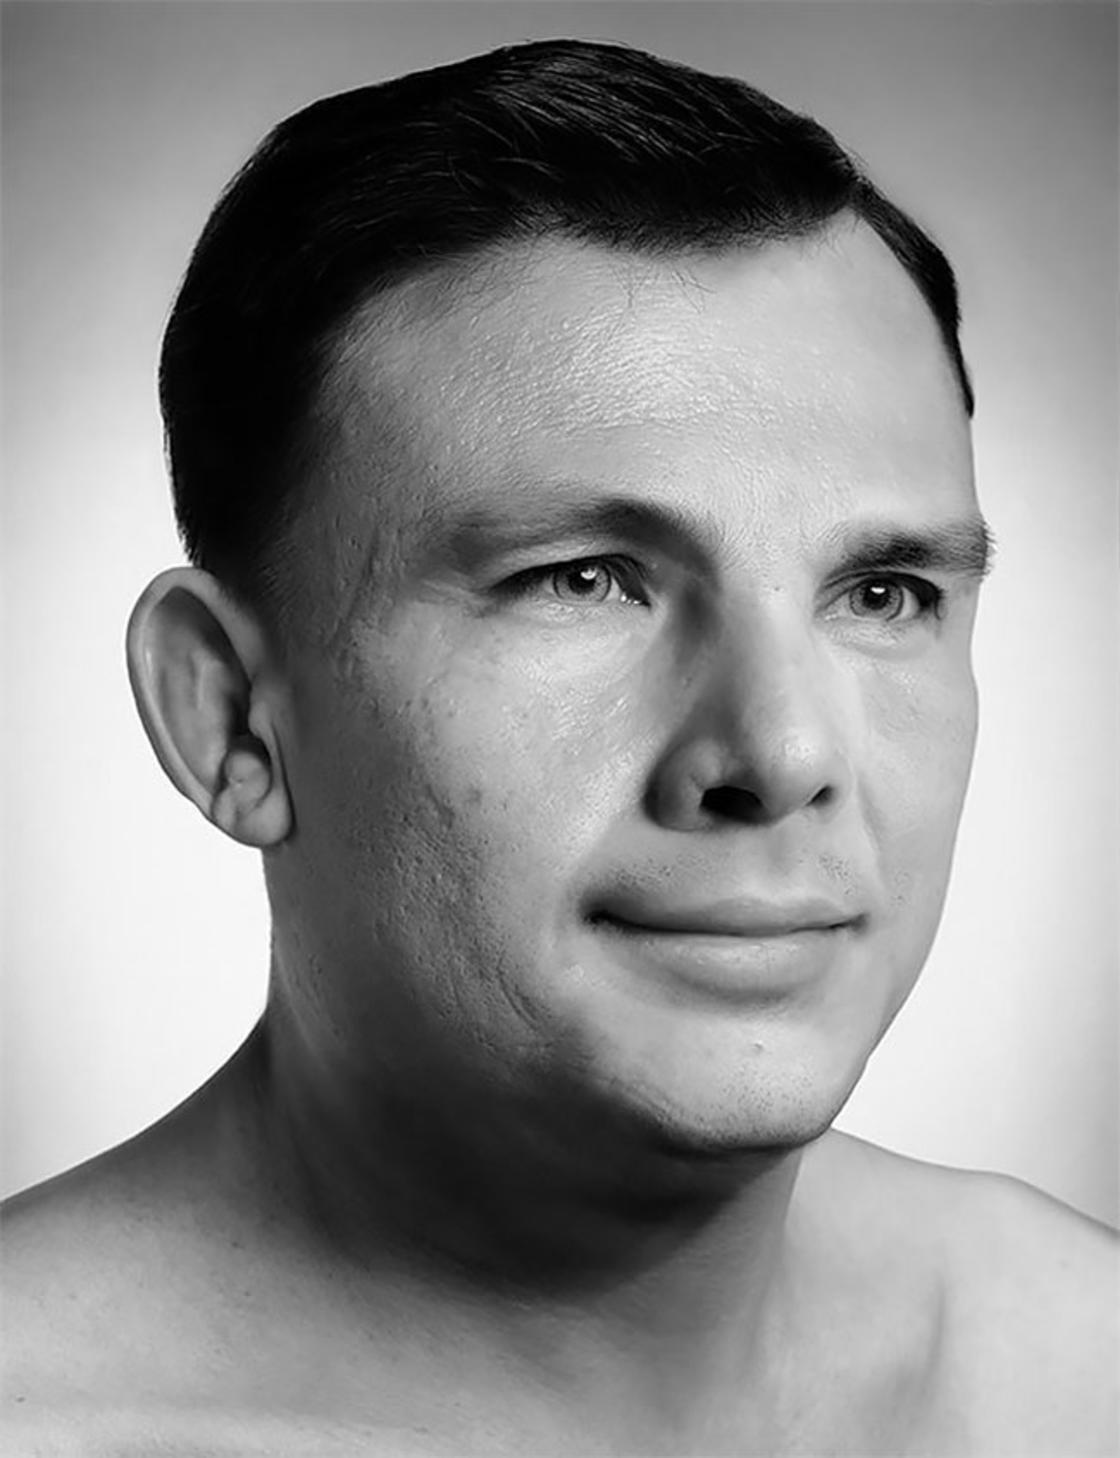 Yury Alekseyevich Gagarin